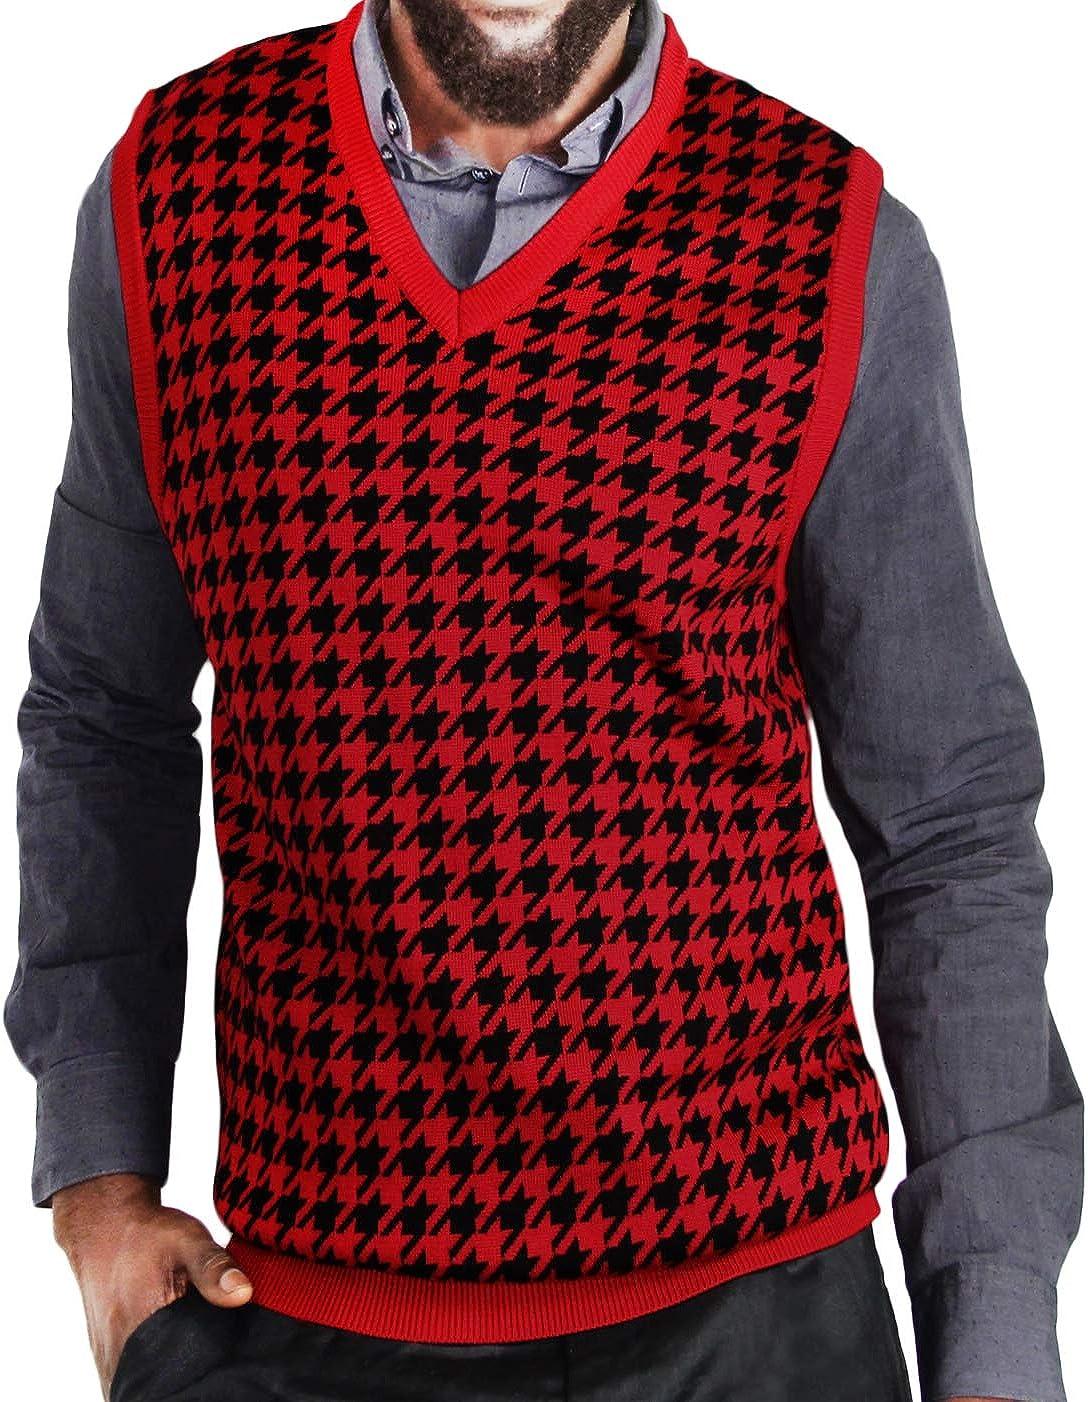 Blue Ocean Big Sale item Men Jacquard Sweater Vest shipfree Houndstooth